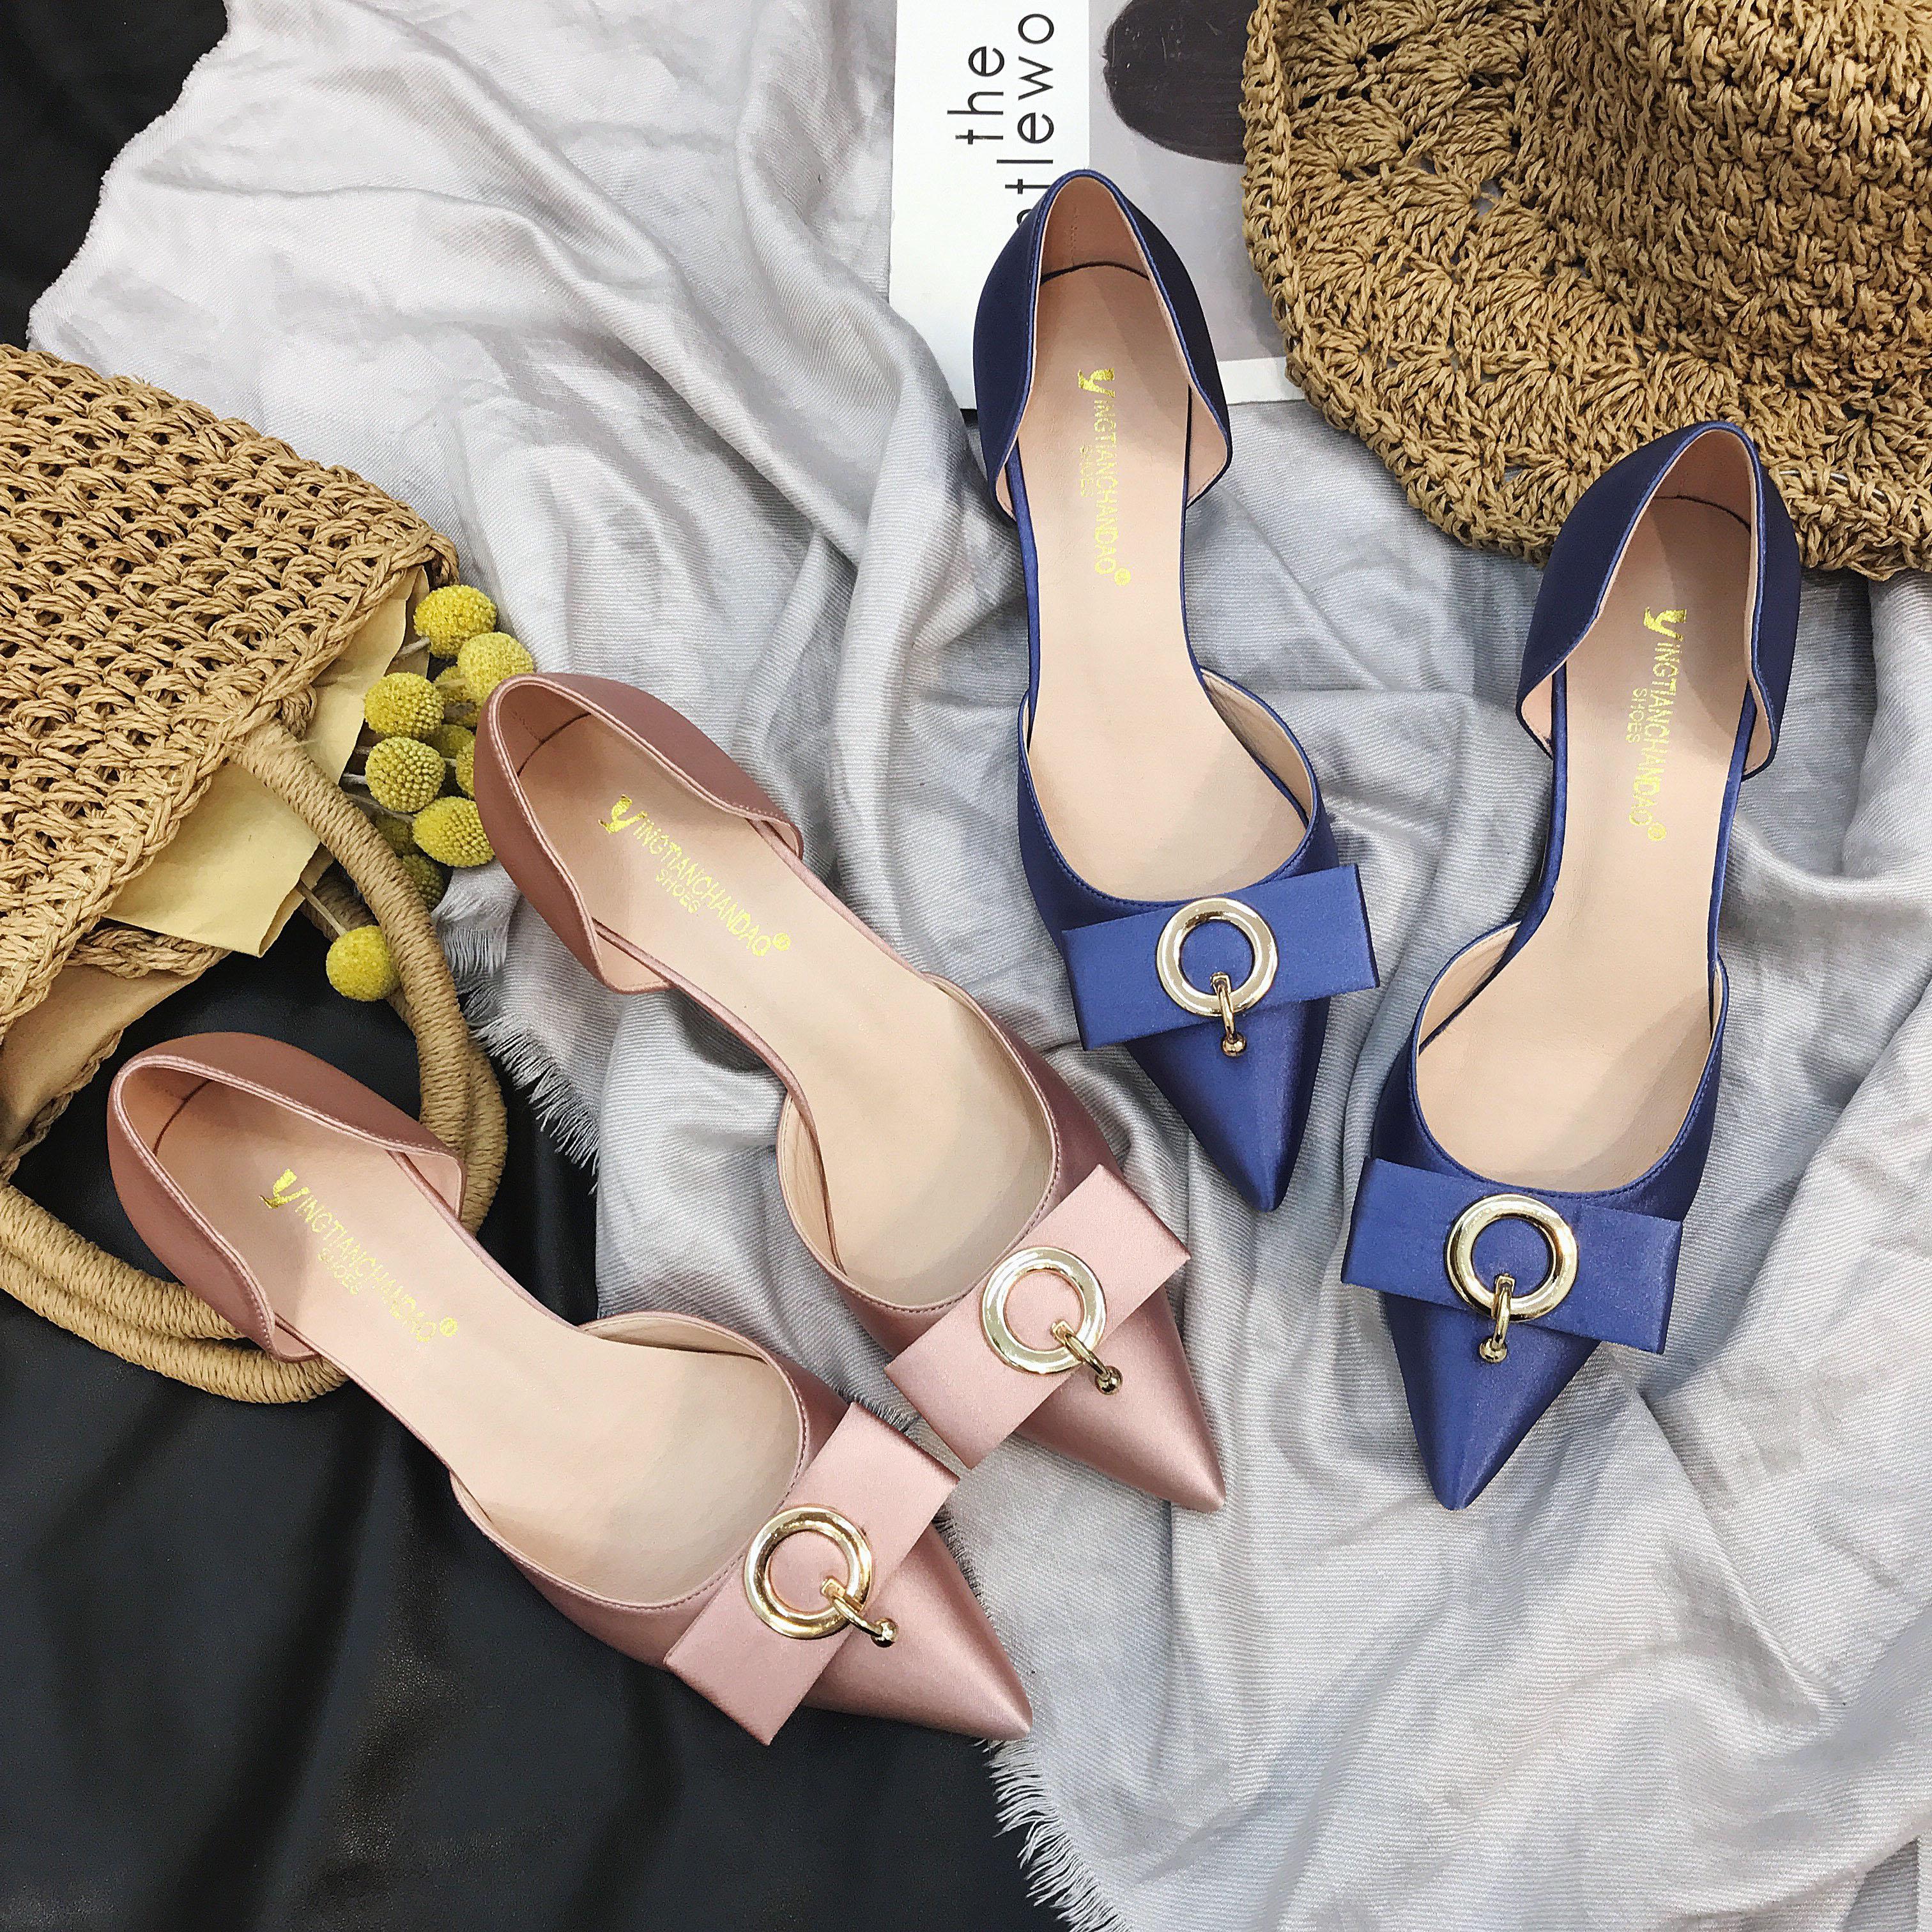 时尚高跟凉鞋 夏季尖头粗跟包头凉鞋2017新款绸缎中跟女鞋甜美百搭时尚高跟鞋女_推荐淘宝好看的女时尚高跟凉鞋